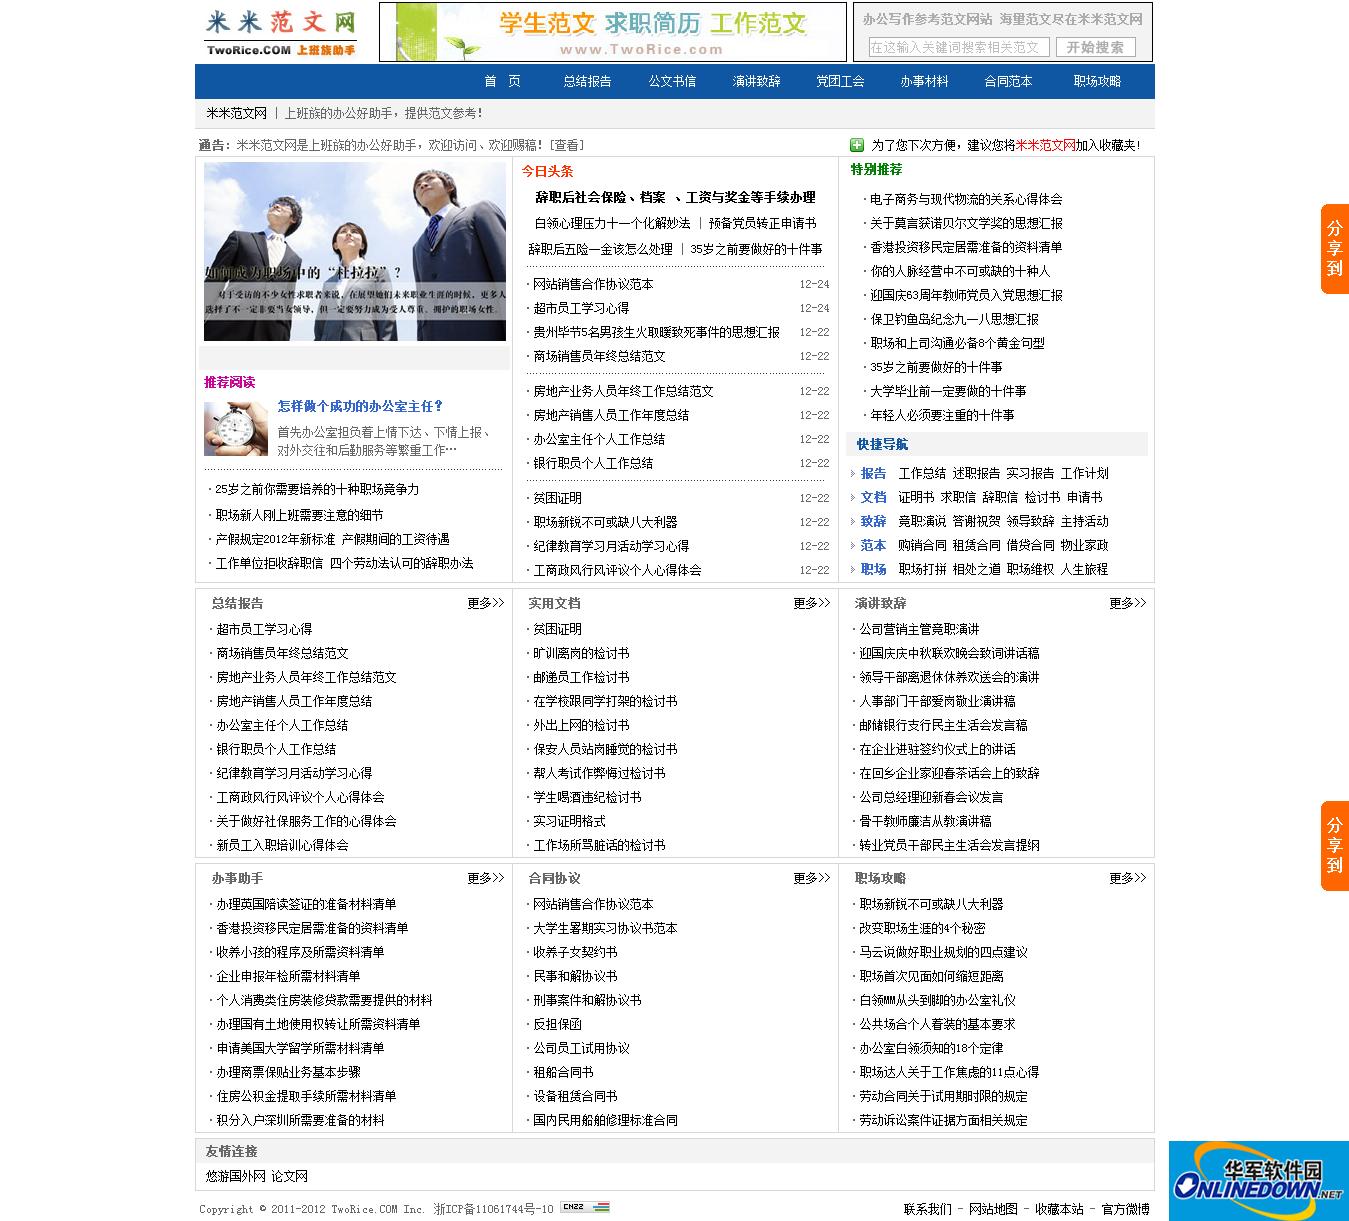 米米范文网 1.1